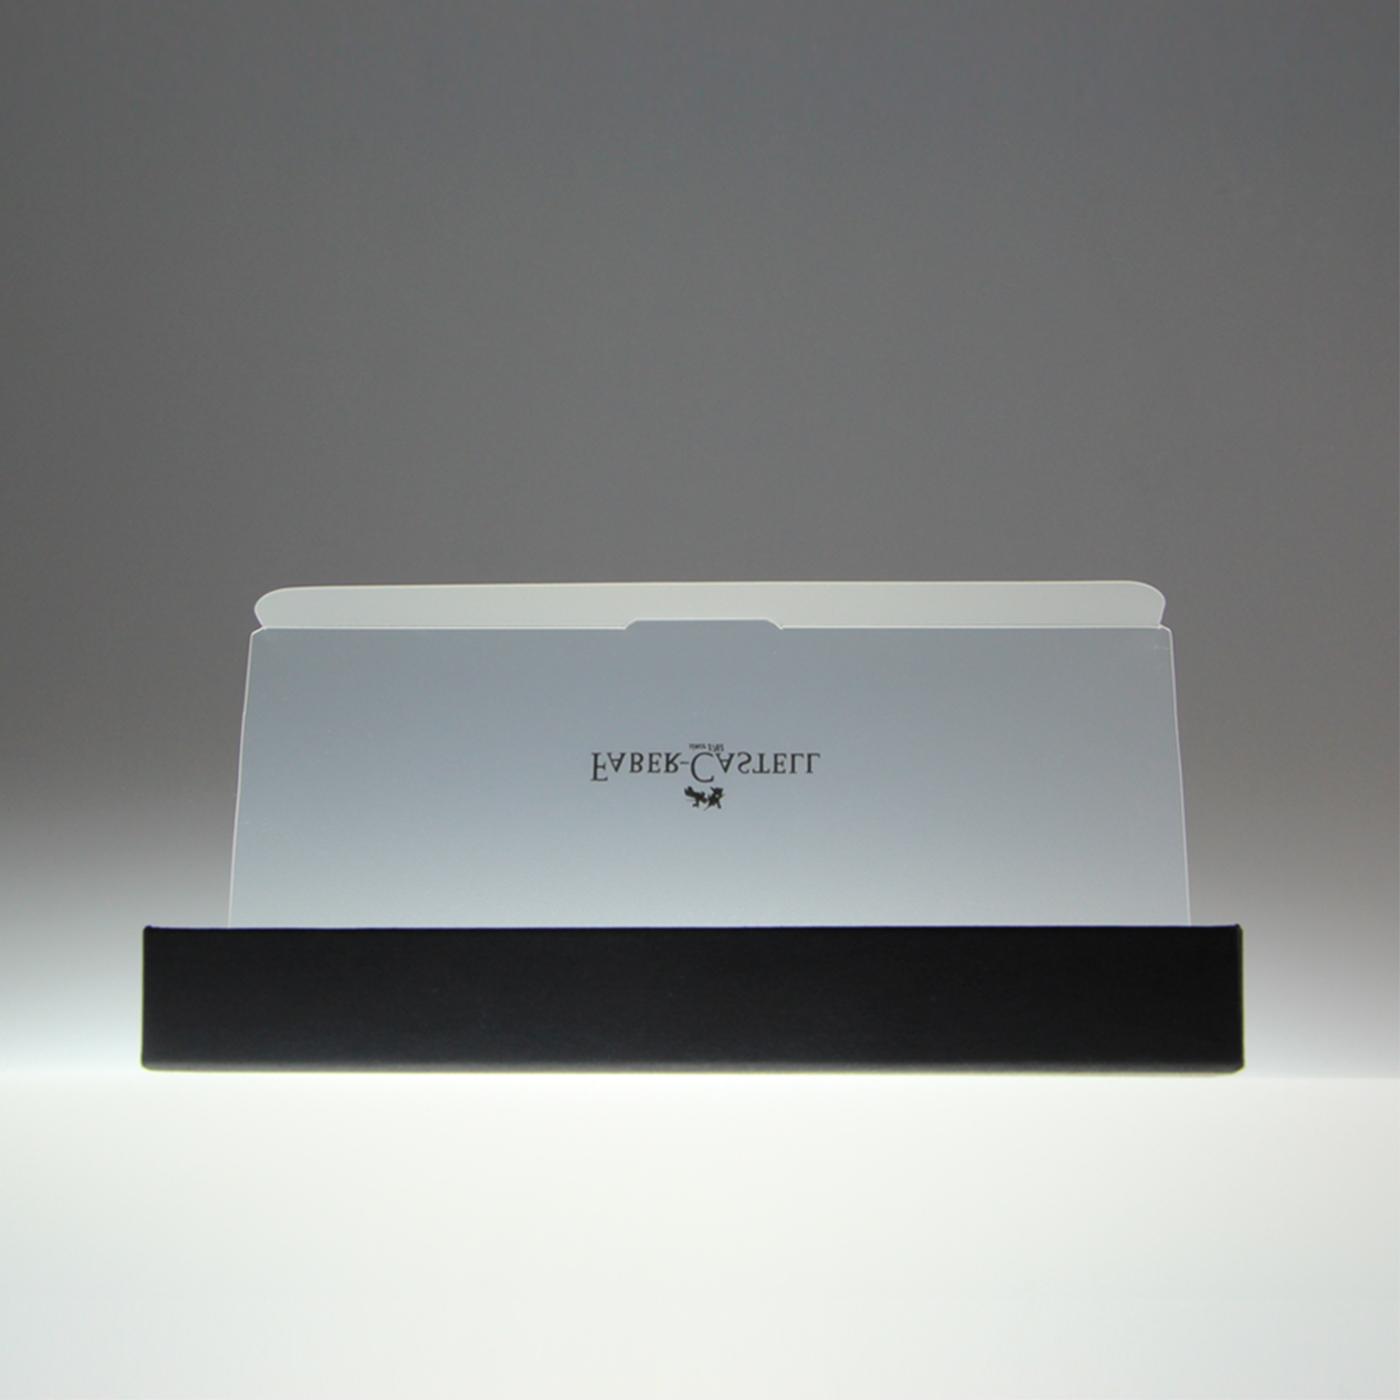 faber castell drehkugelschreiber n ice pen arntz werbemittel werbeartikel werbemittel. Black Bedroom Furniture Sets. Home Design Ideas